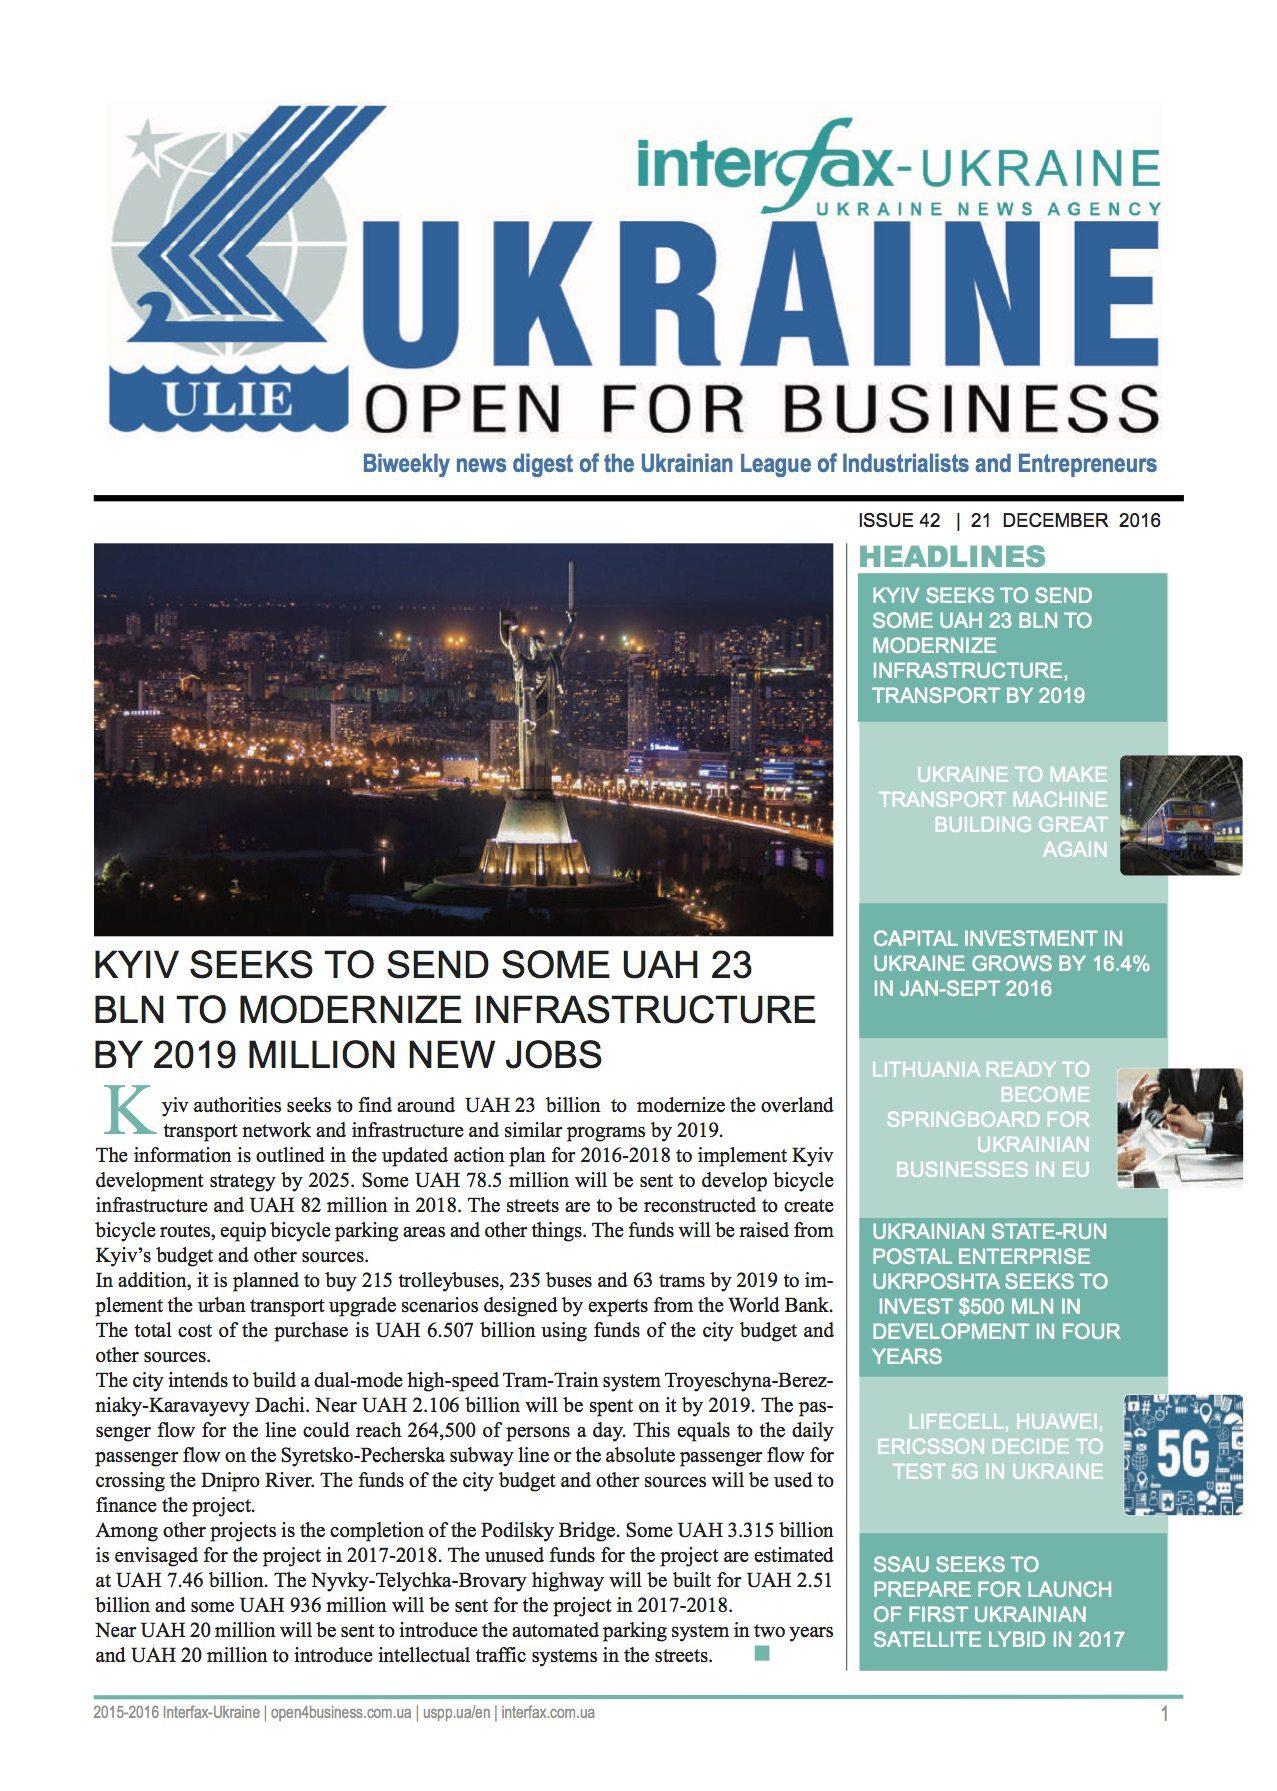 ukraine-open-for-business_interfax-ukraine42